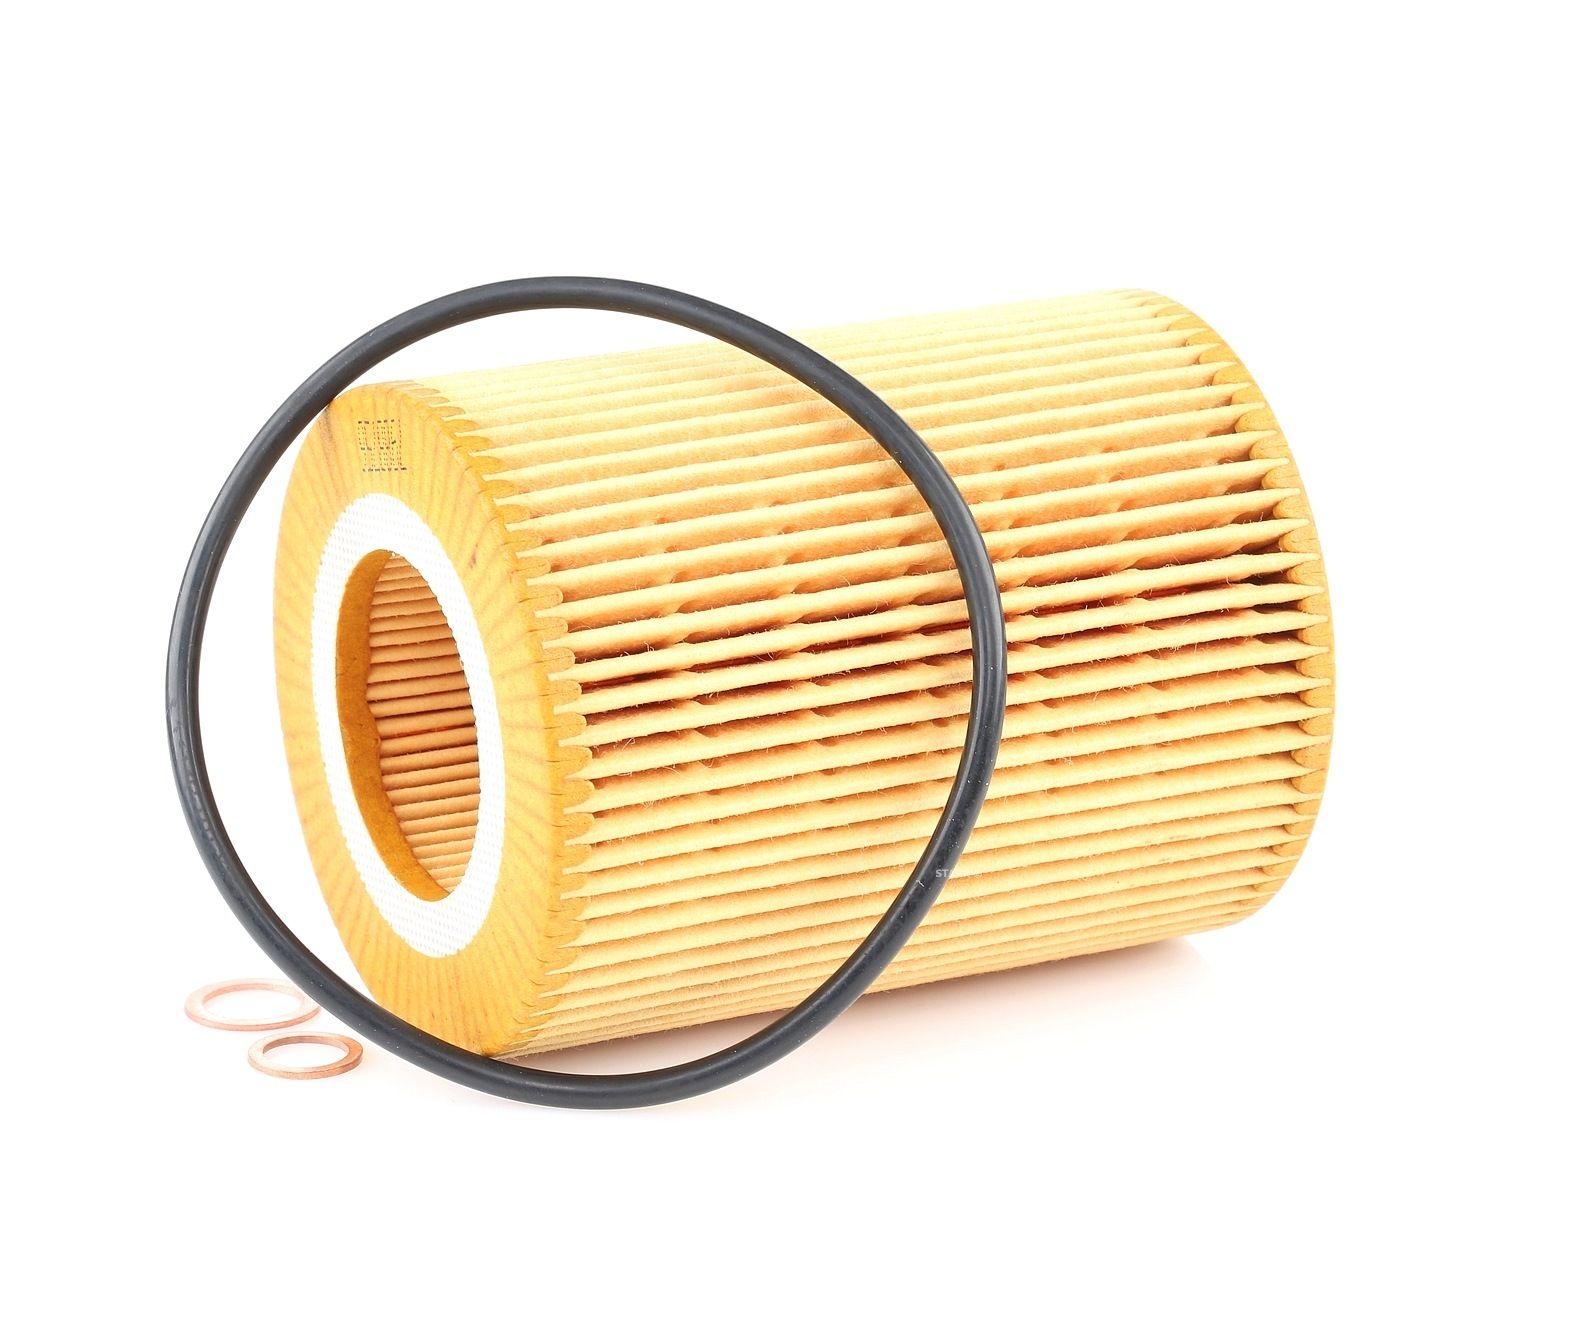 SKOF-0860009 STARK mit Dichtungen, Filtereinsatz Innendurchmesser: 40mm, Ø: 83mm, Höhe: 105mm, Höhe 1: 101mm Ölfilter SKOF-0860009 günstig kaufen